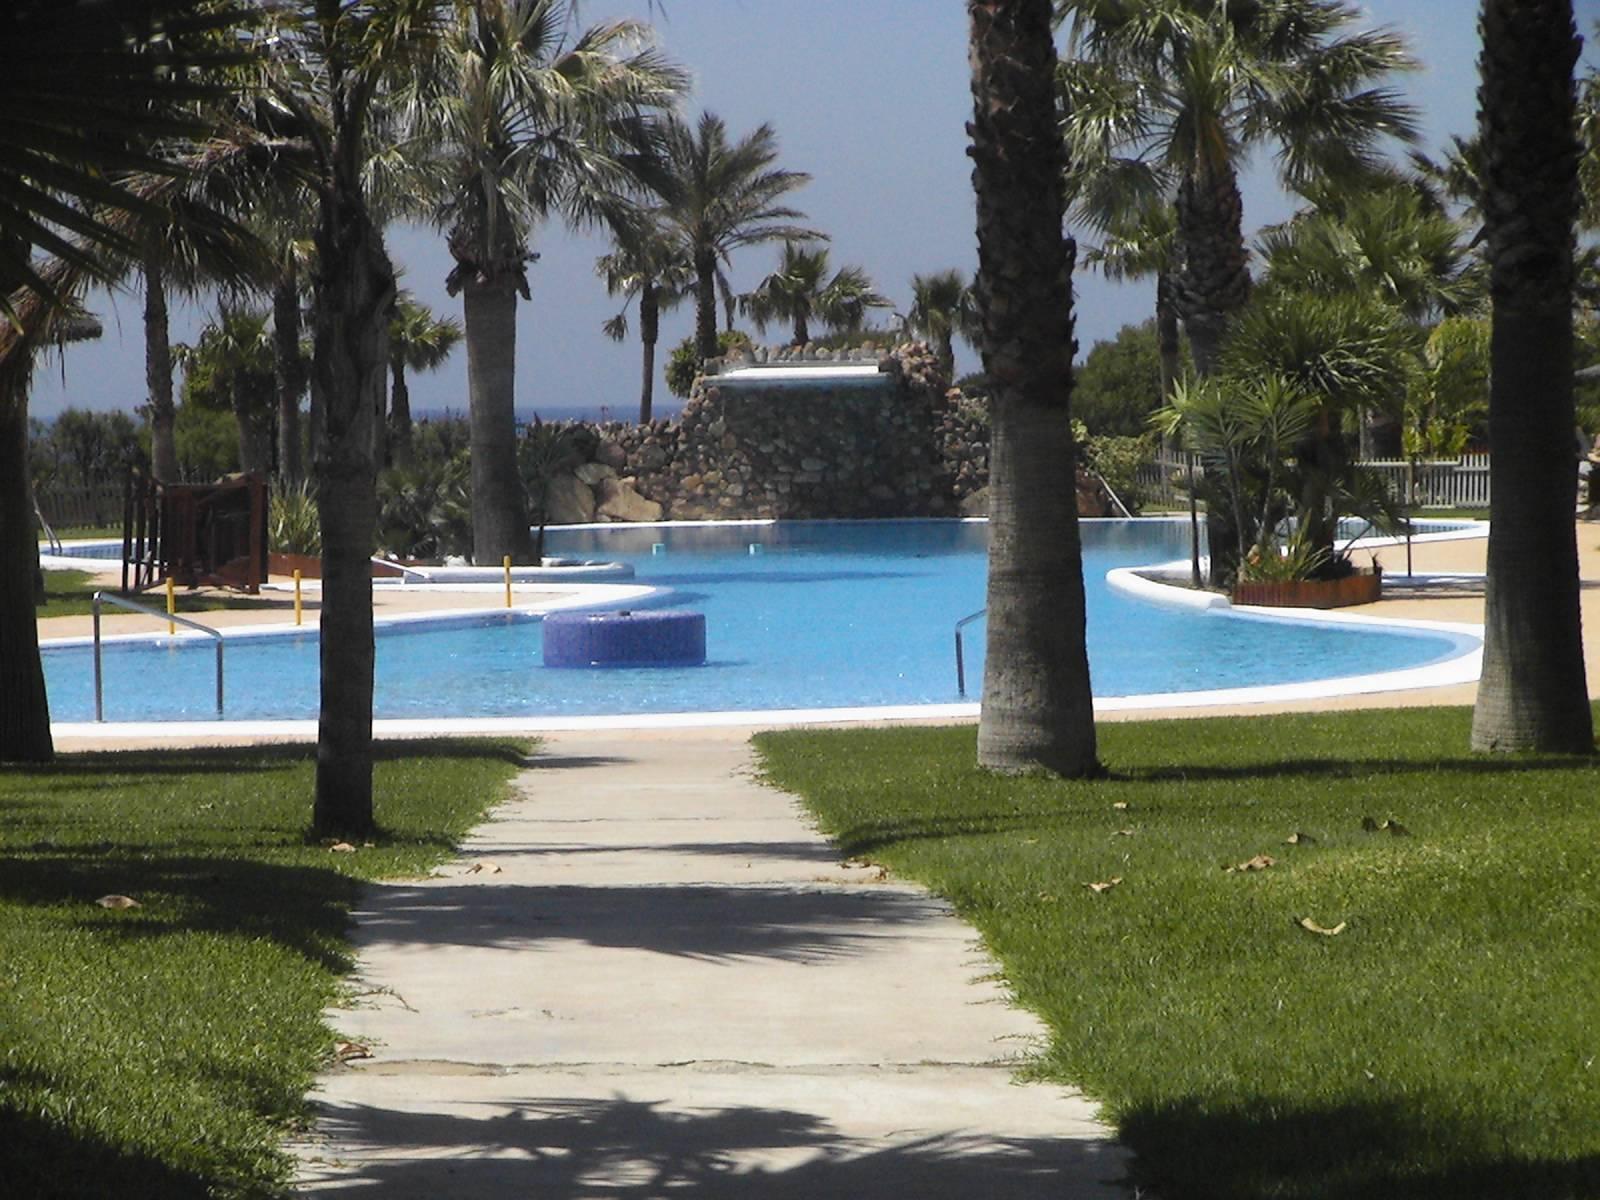 Alquiler casa vacaciones en zahara de los atunes for Apartamentos jardines de zahara